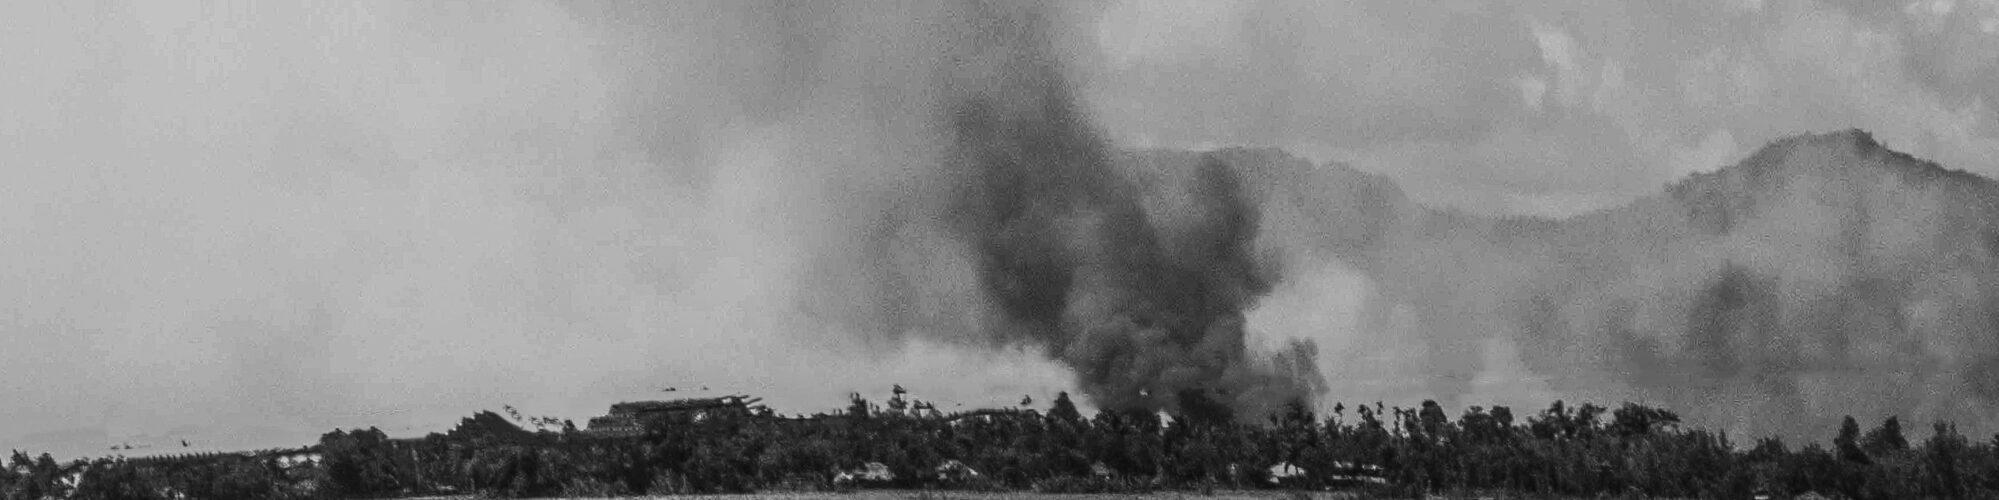 Smoke in Rakhine